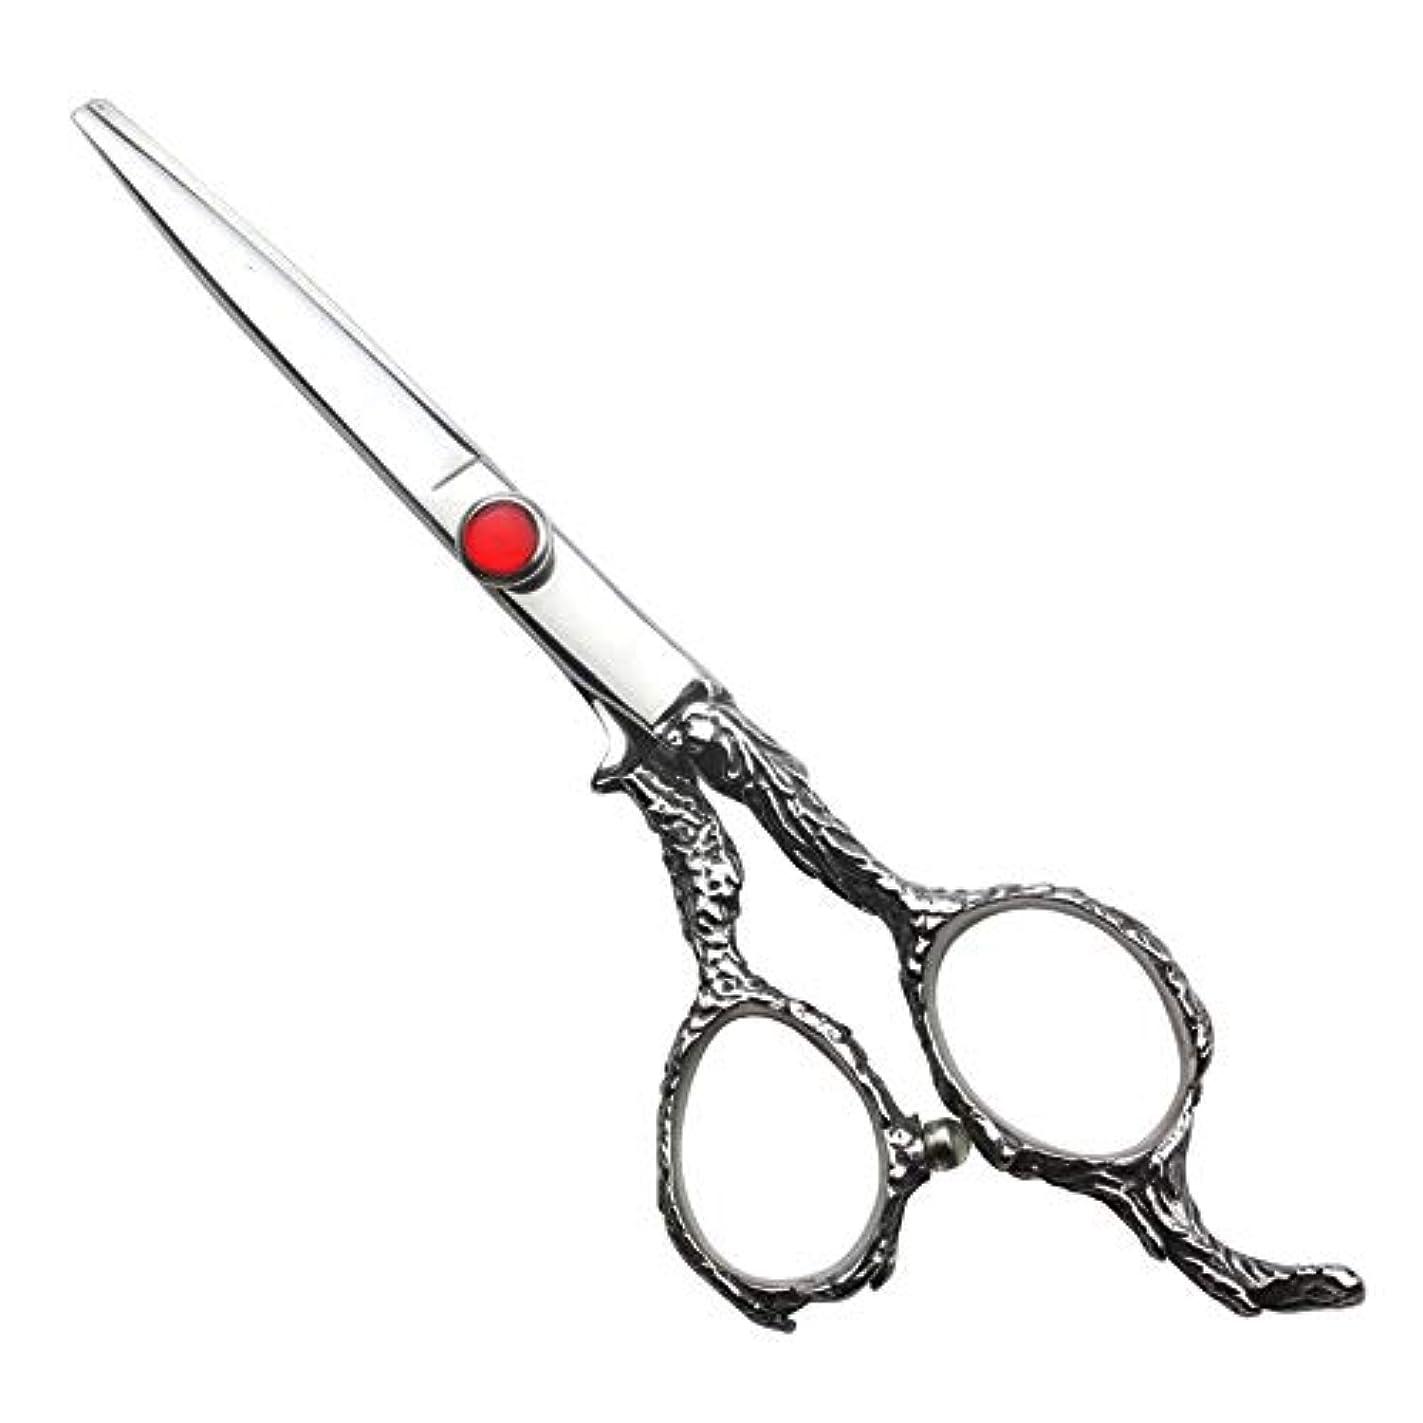 音機関反乱6インチ理髪はさみセット、家族の散髪用具セット モデリングツール (色 : Silver)